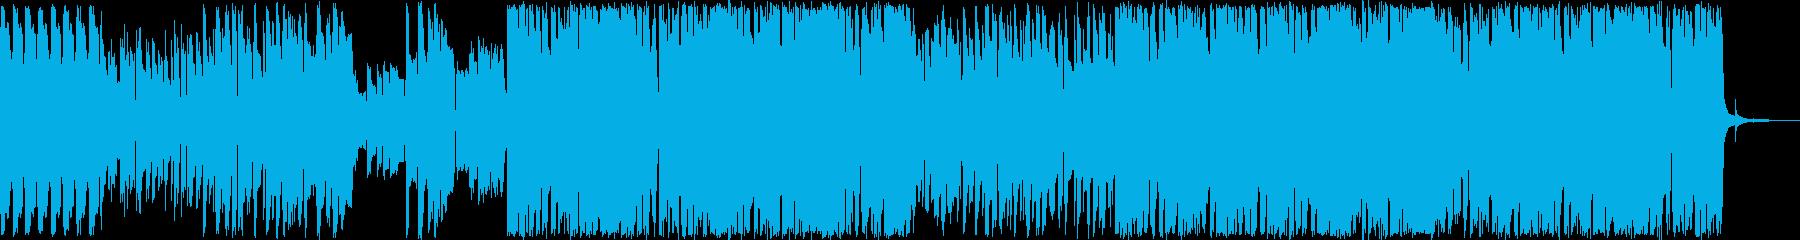 ギターが印象的なハウス系ループの再生済みの波形